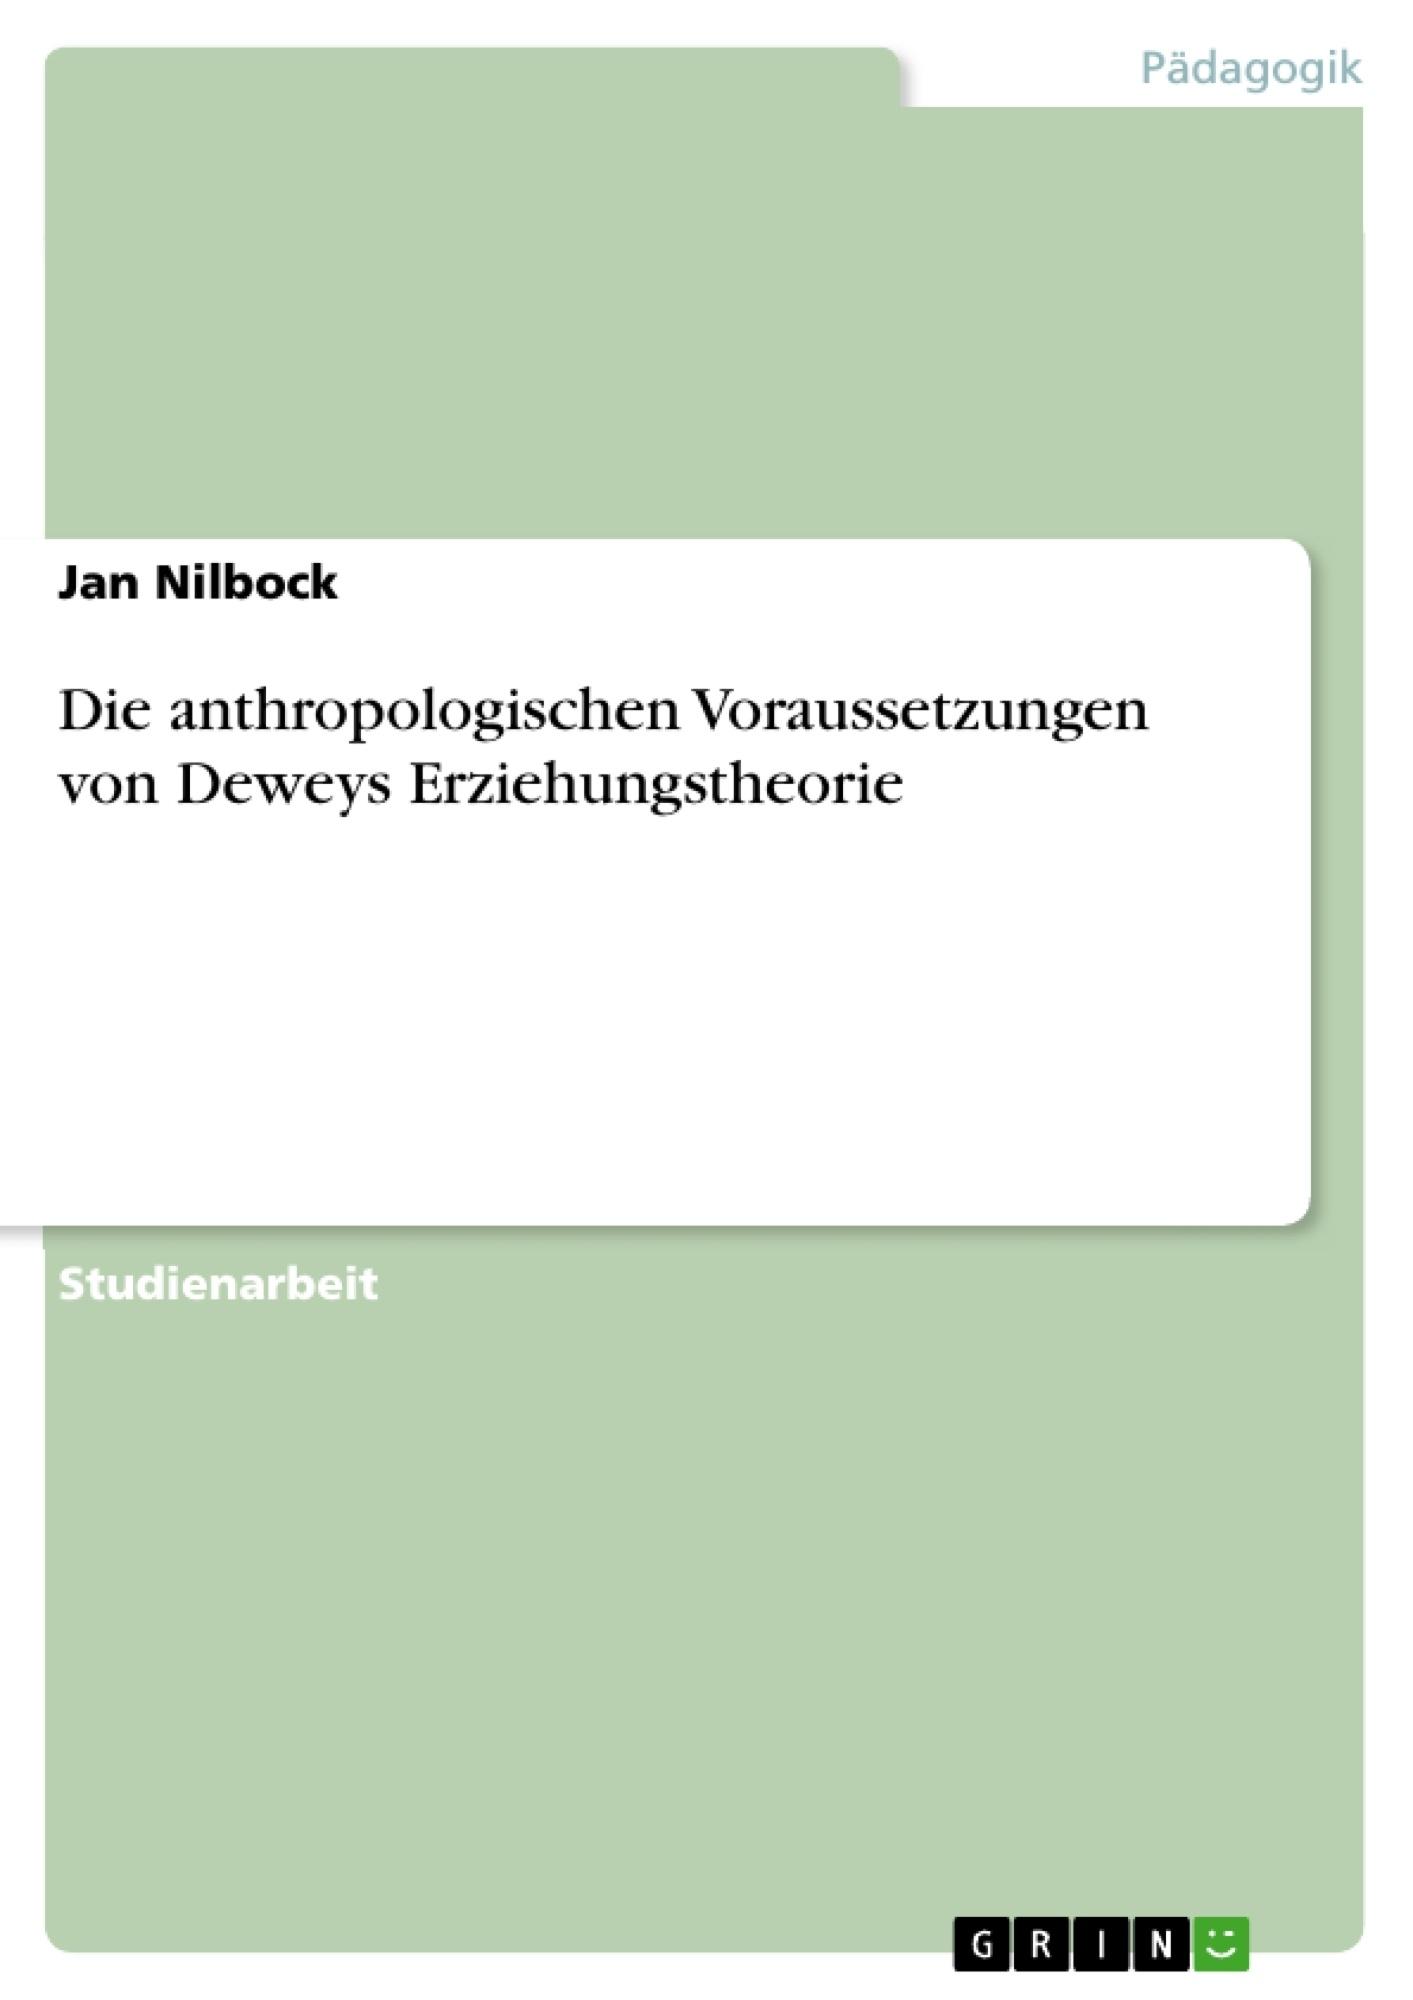 Titel: Die anthropologischen Voraussetzungen von Deweys Erziehungstheorie